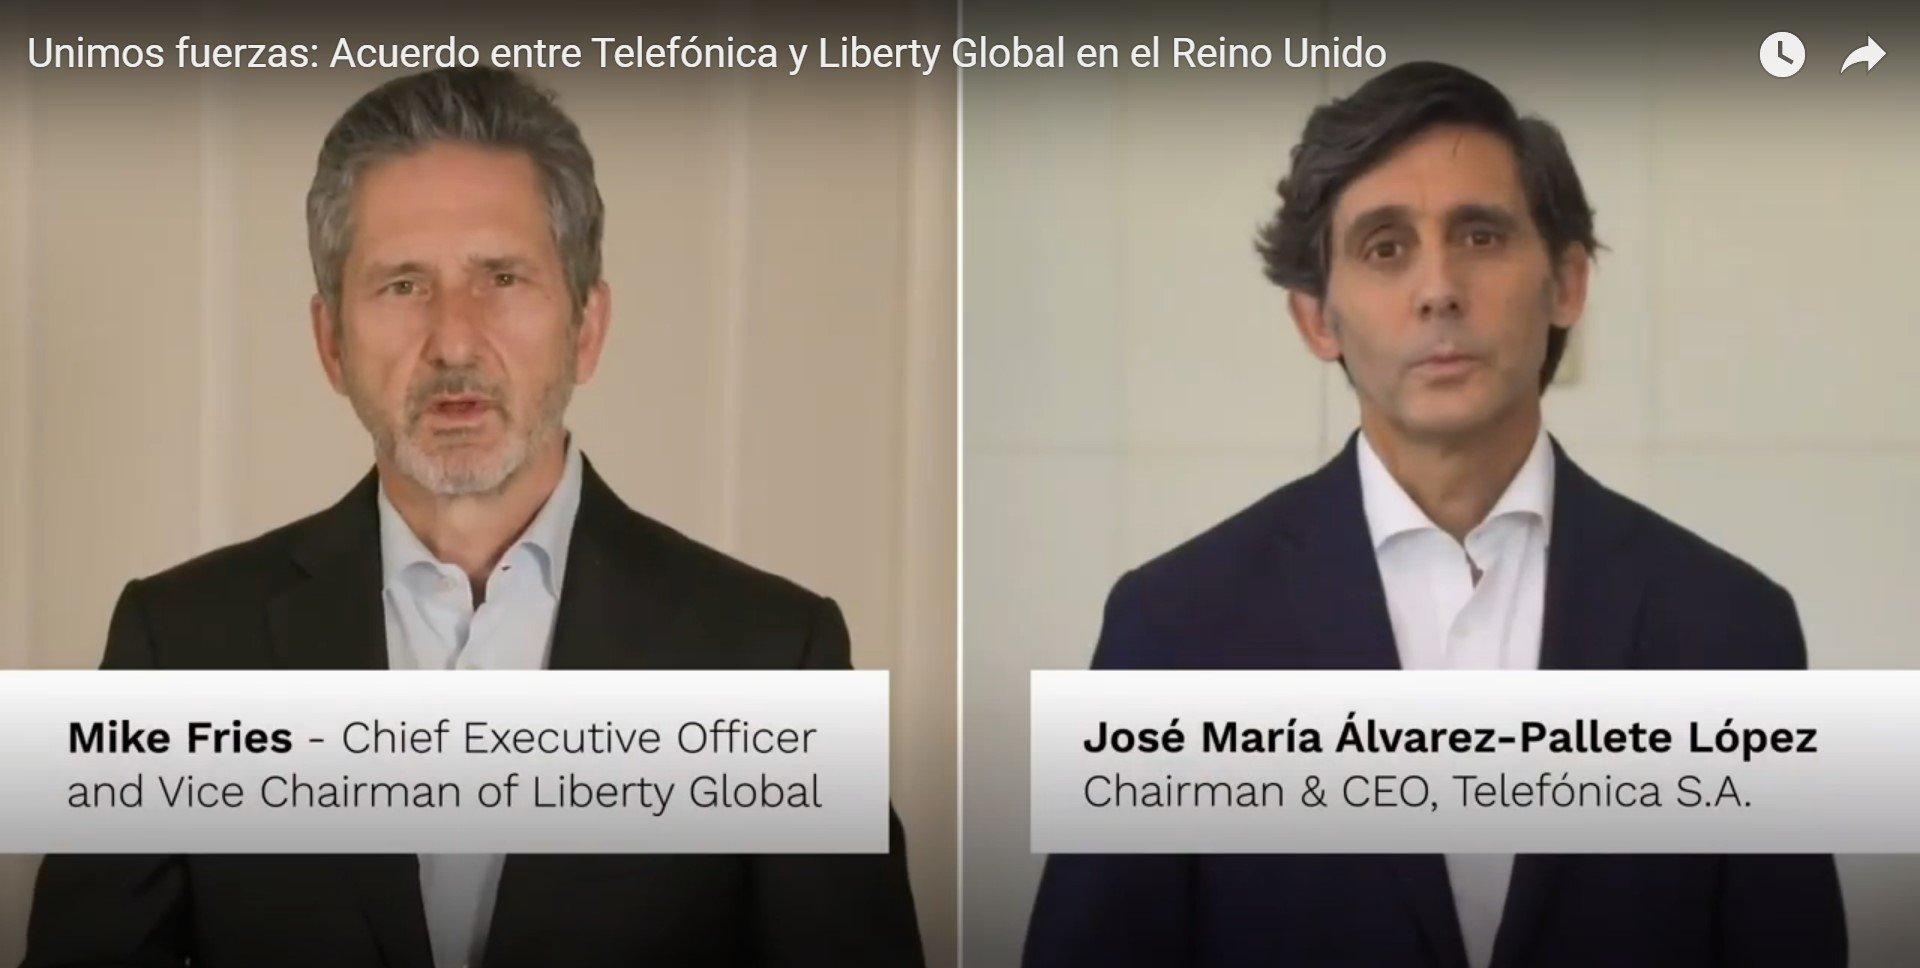 Mike Fries y José María Álvarez-Pallete están encantados con el acuerdo